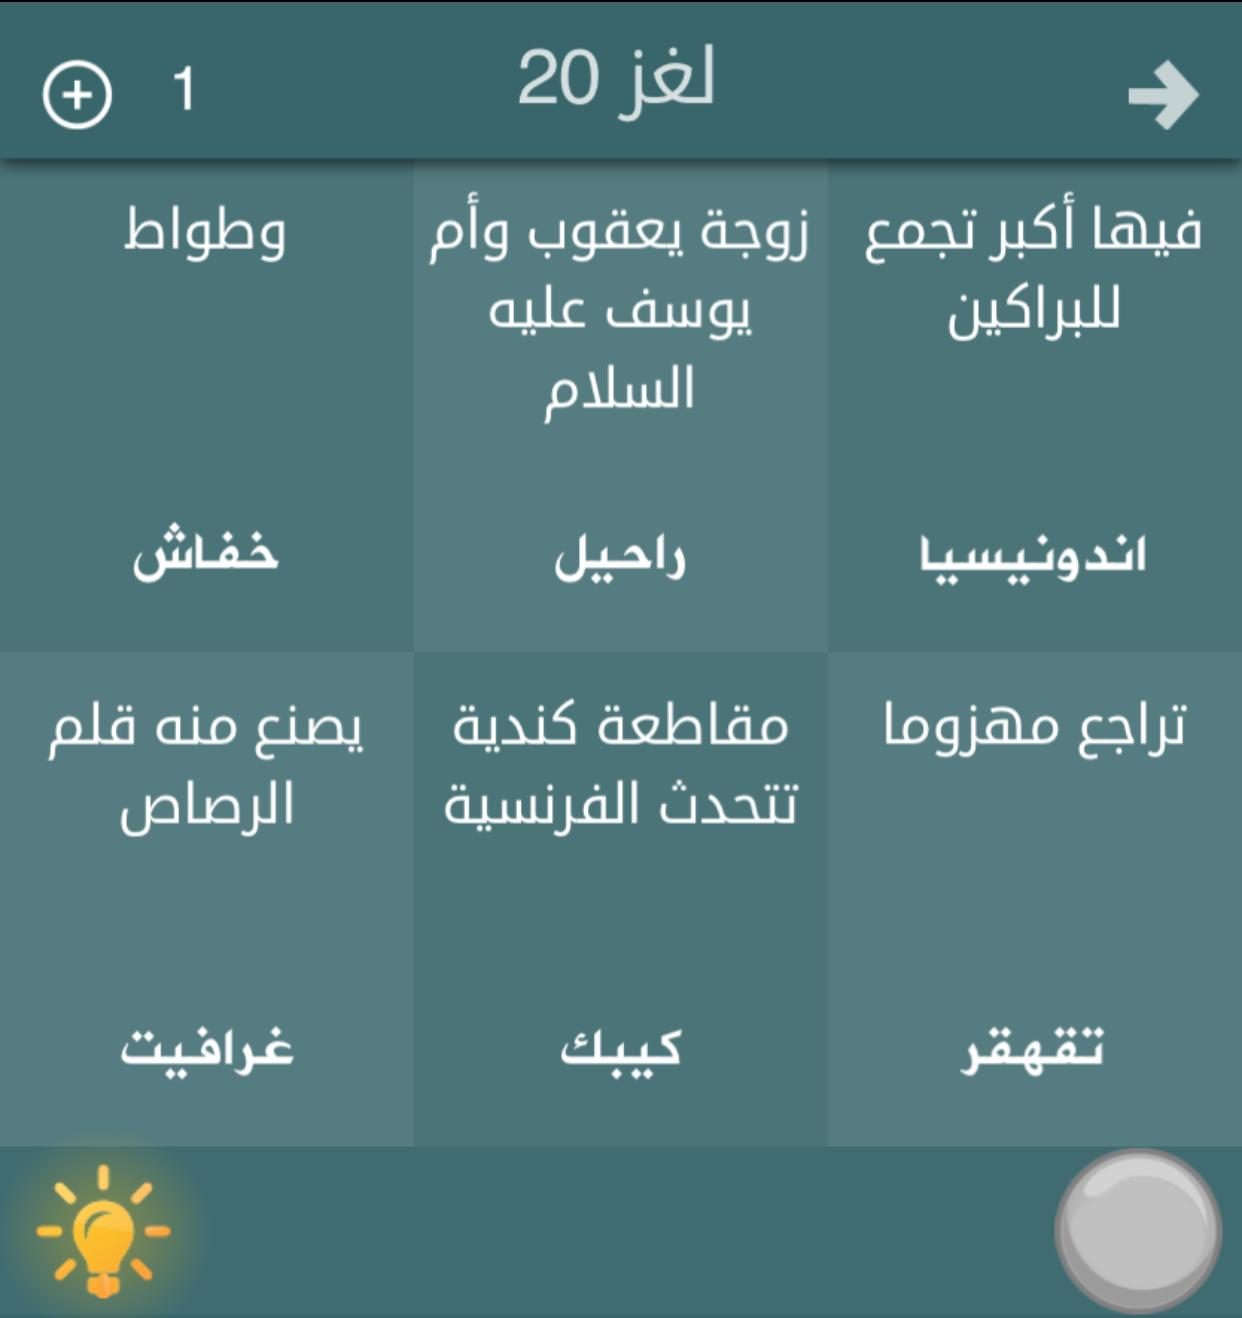 حل لعبة فطحل العرب معلومات عامة المجموعة الاولى لغز من